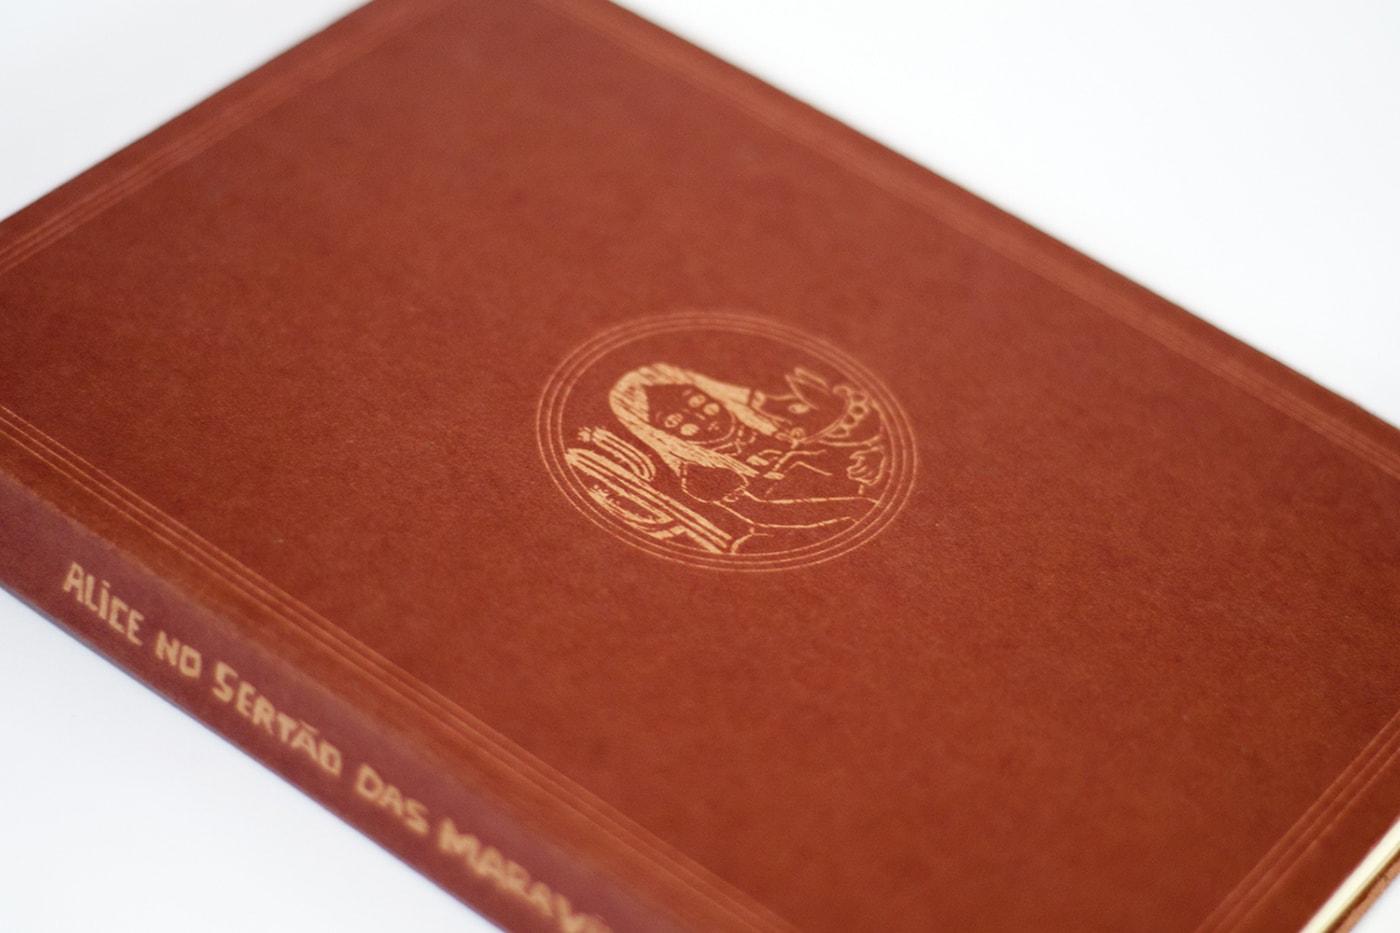 Foto da capa do projeto impresso - ela é marrom com impressão da personagem Alice em detalhes em dourado.